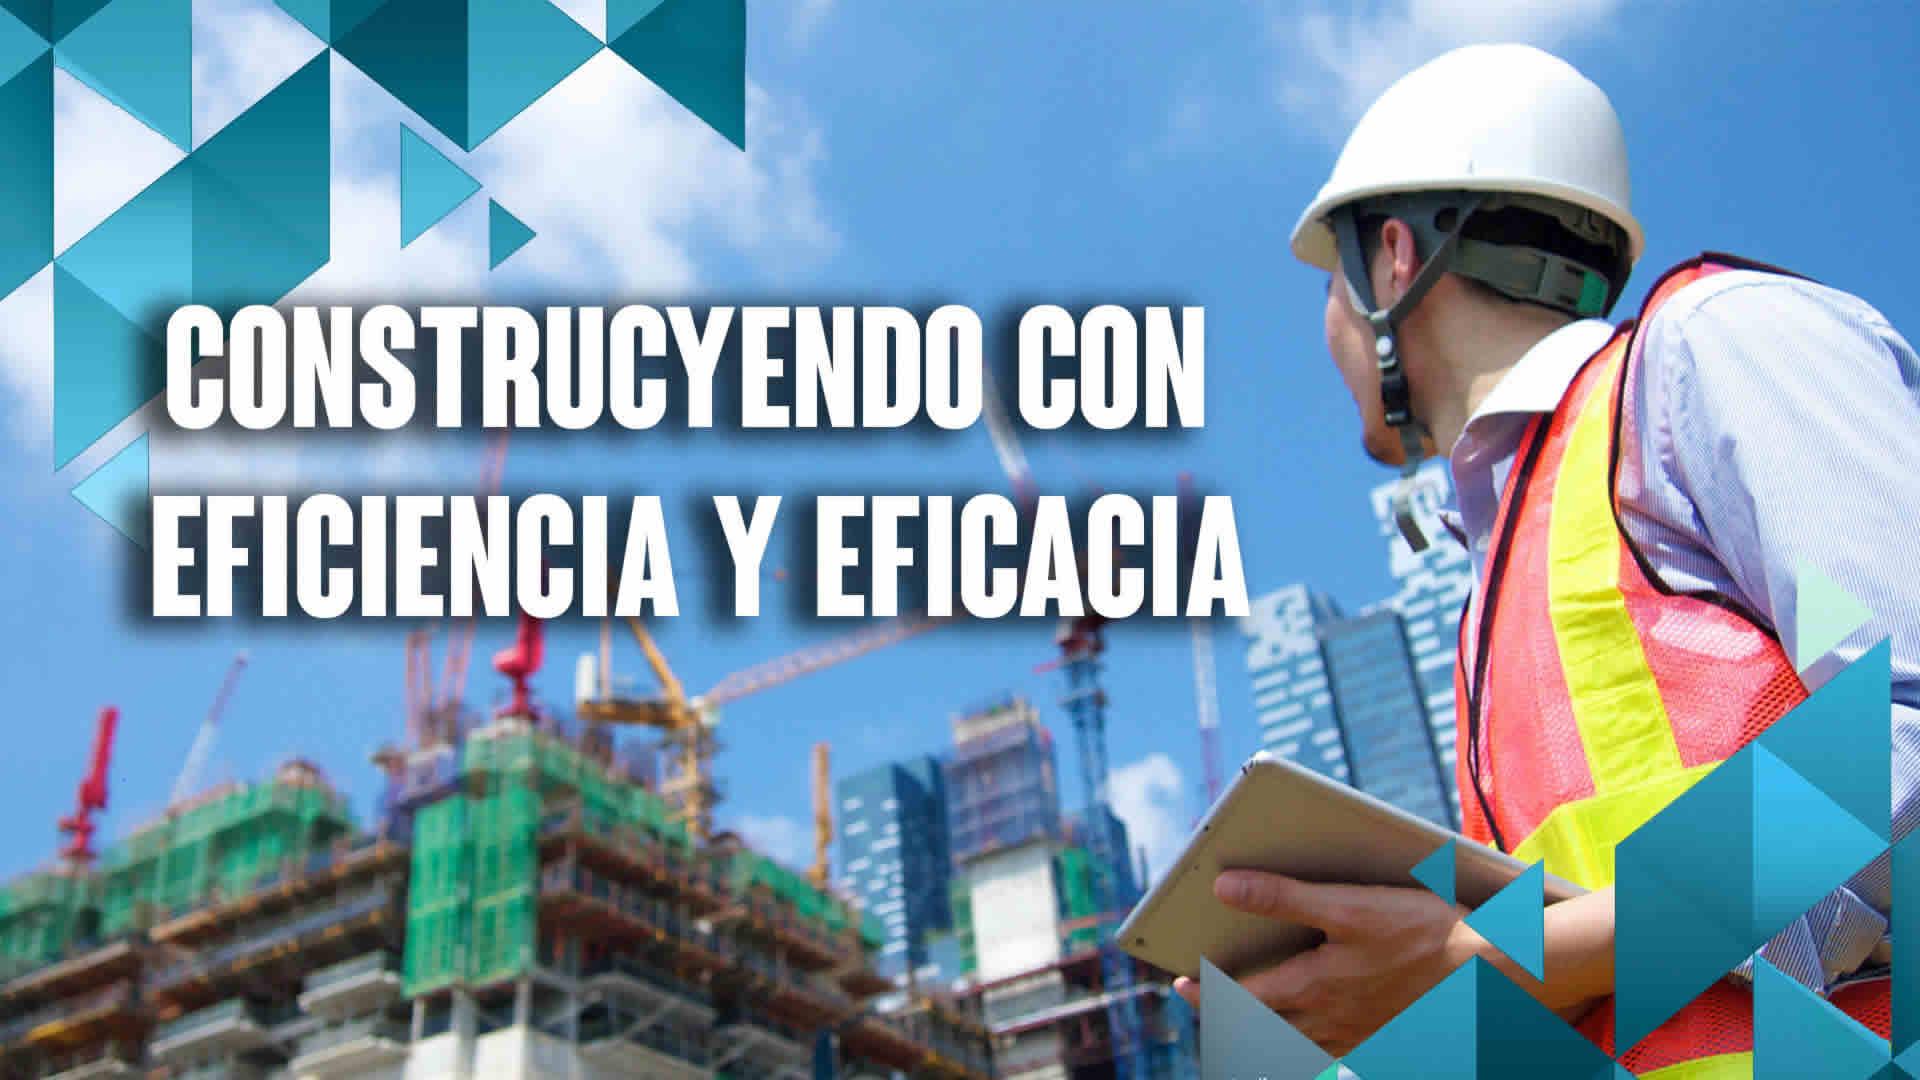 Construyendo con eficiencia y eficacia